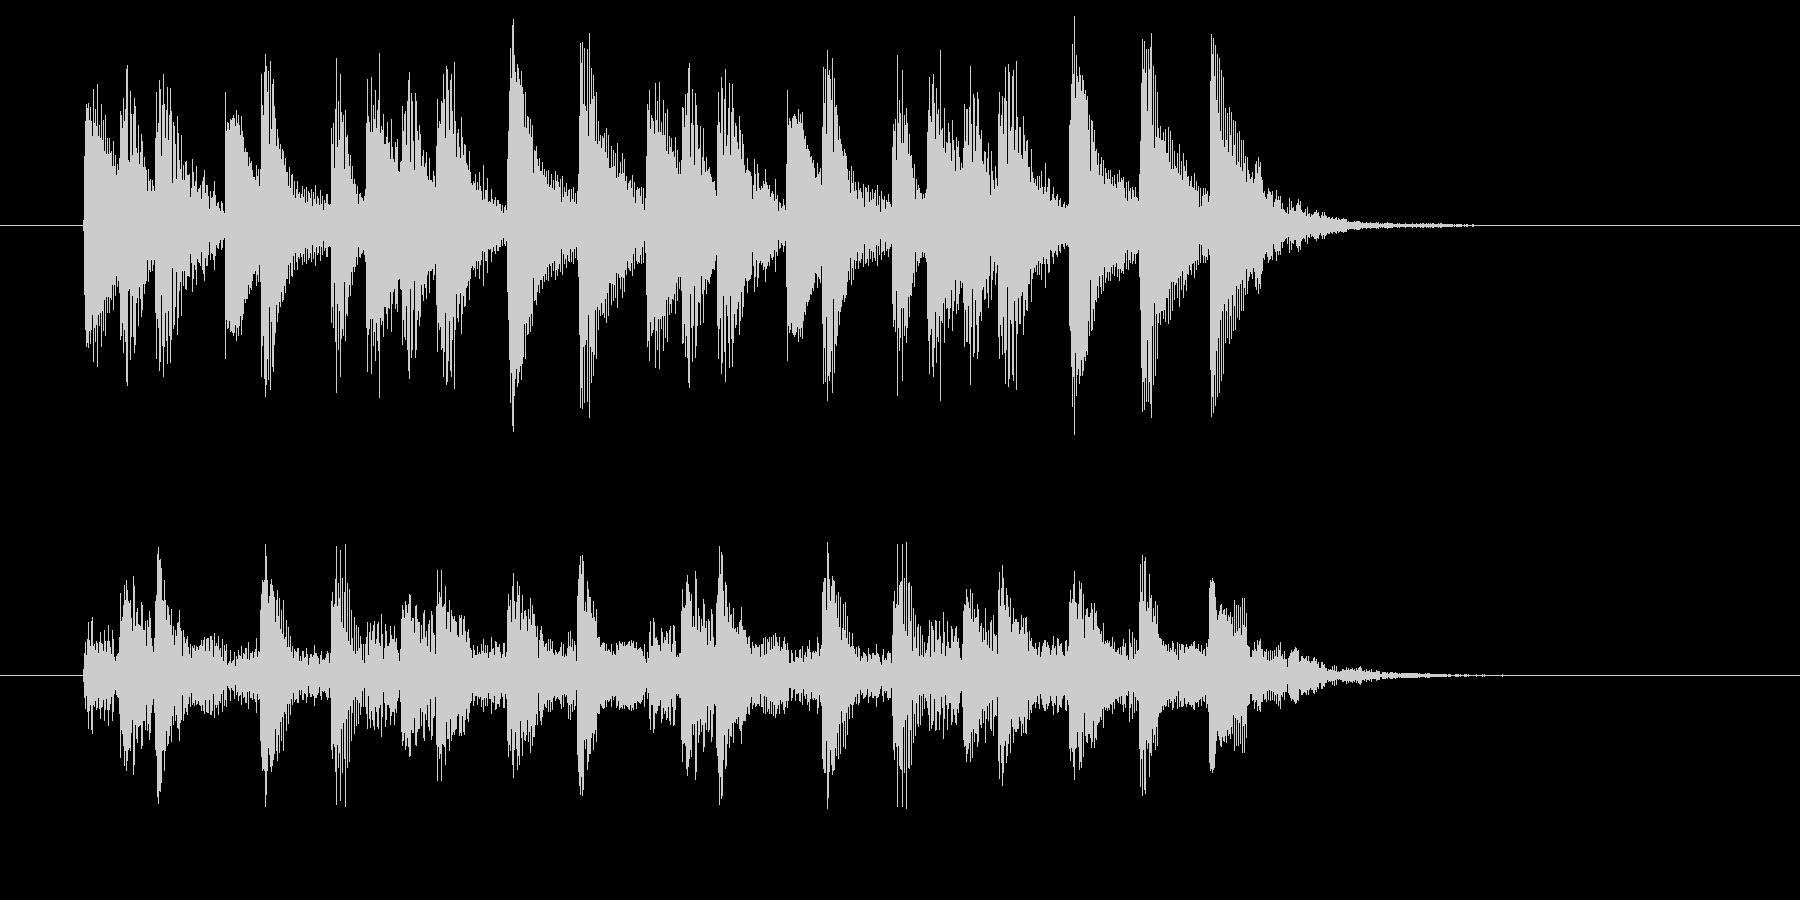 神秘的で幻想的な木琴ジングルの未再生の波形